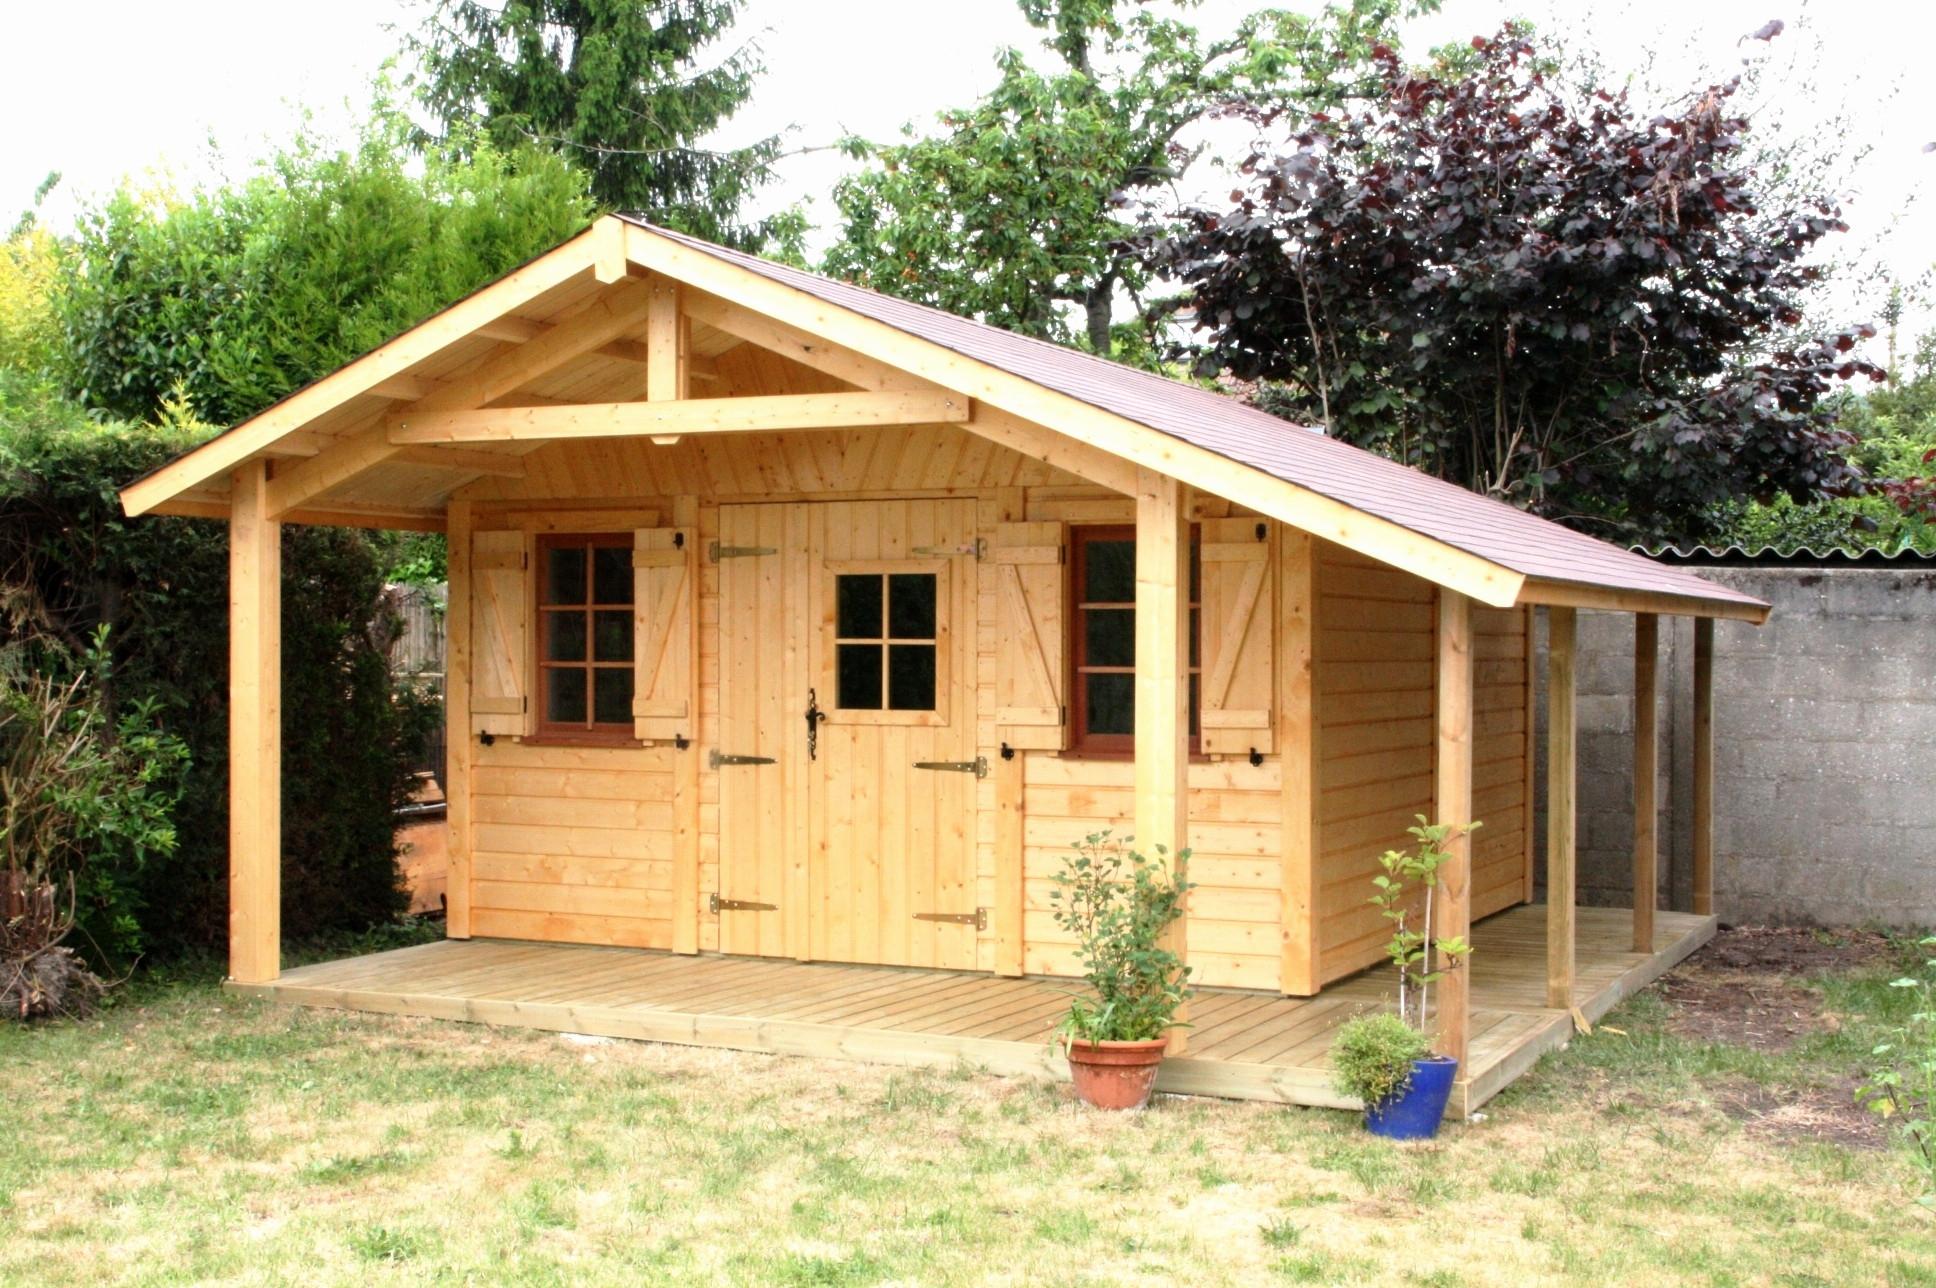 Castorama Bordure Jardin Frais Galerie Cabanon De Jardin Castorama Aussi Chic Cabanon De Jardin Gracieux